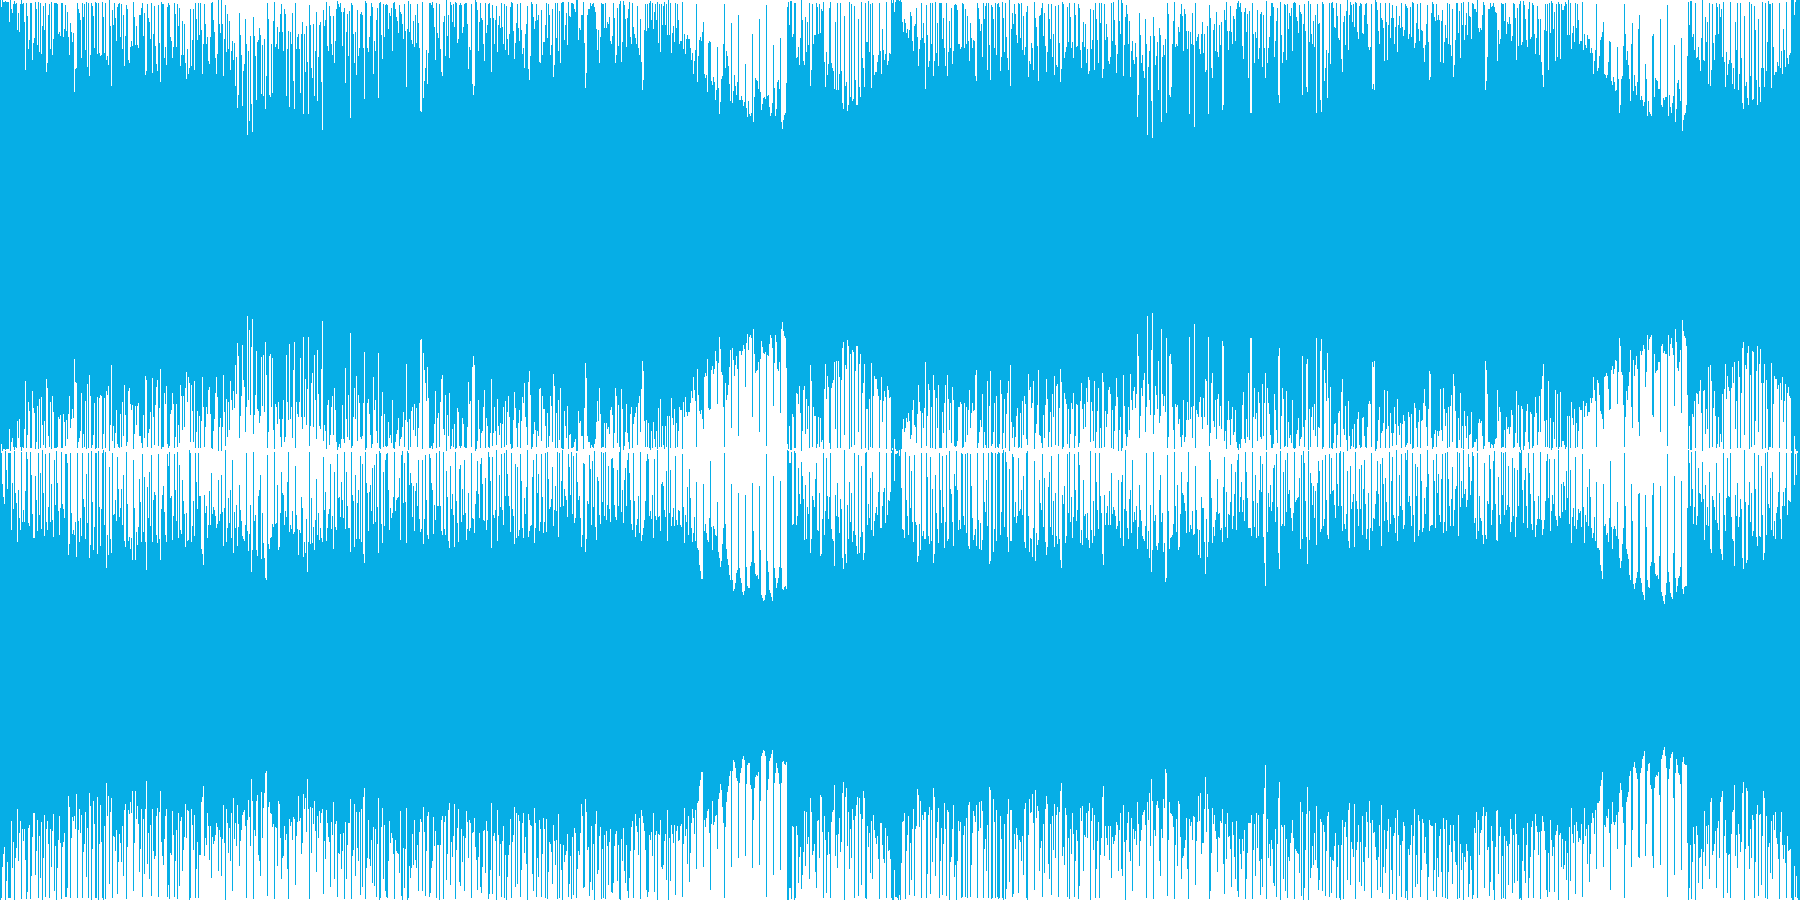 重厚で激しいメタルギターリフ【ループ】の再生済みの波形